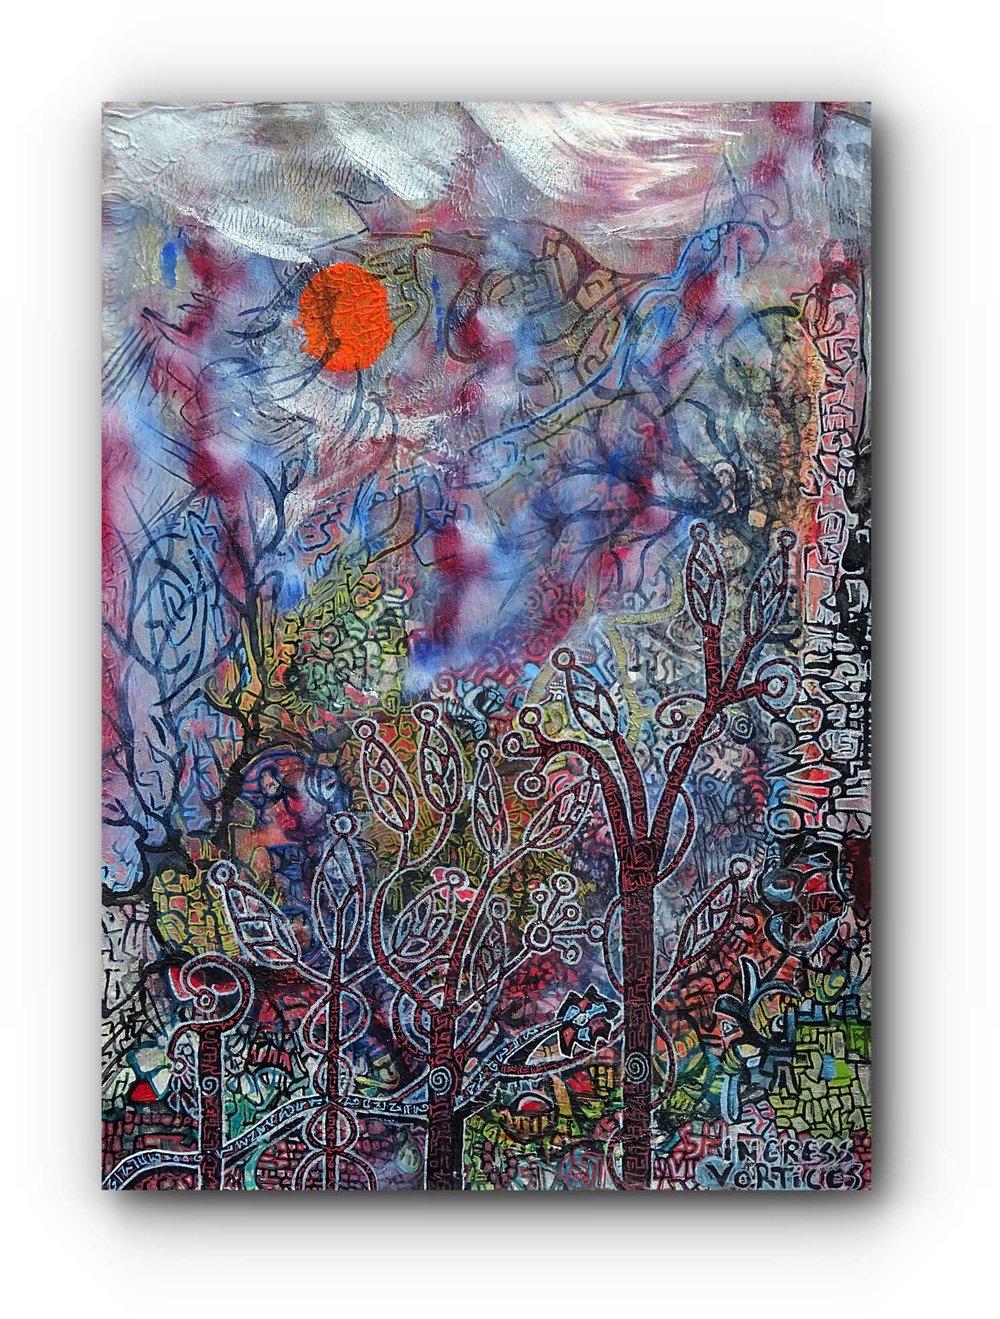 painting-misty-valley-artist-duo-ingress-vortices.jpg